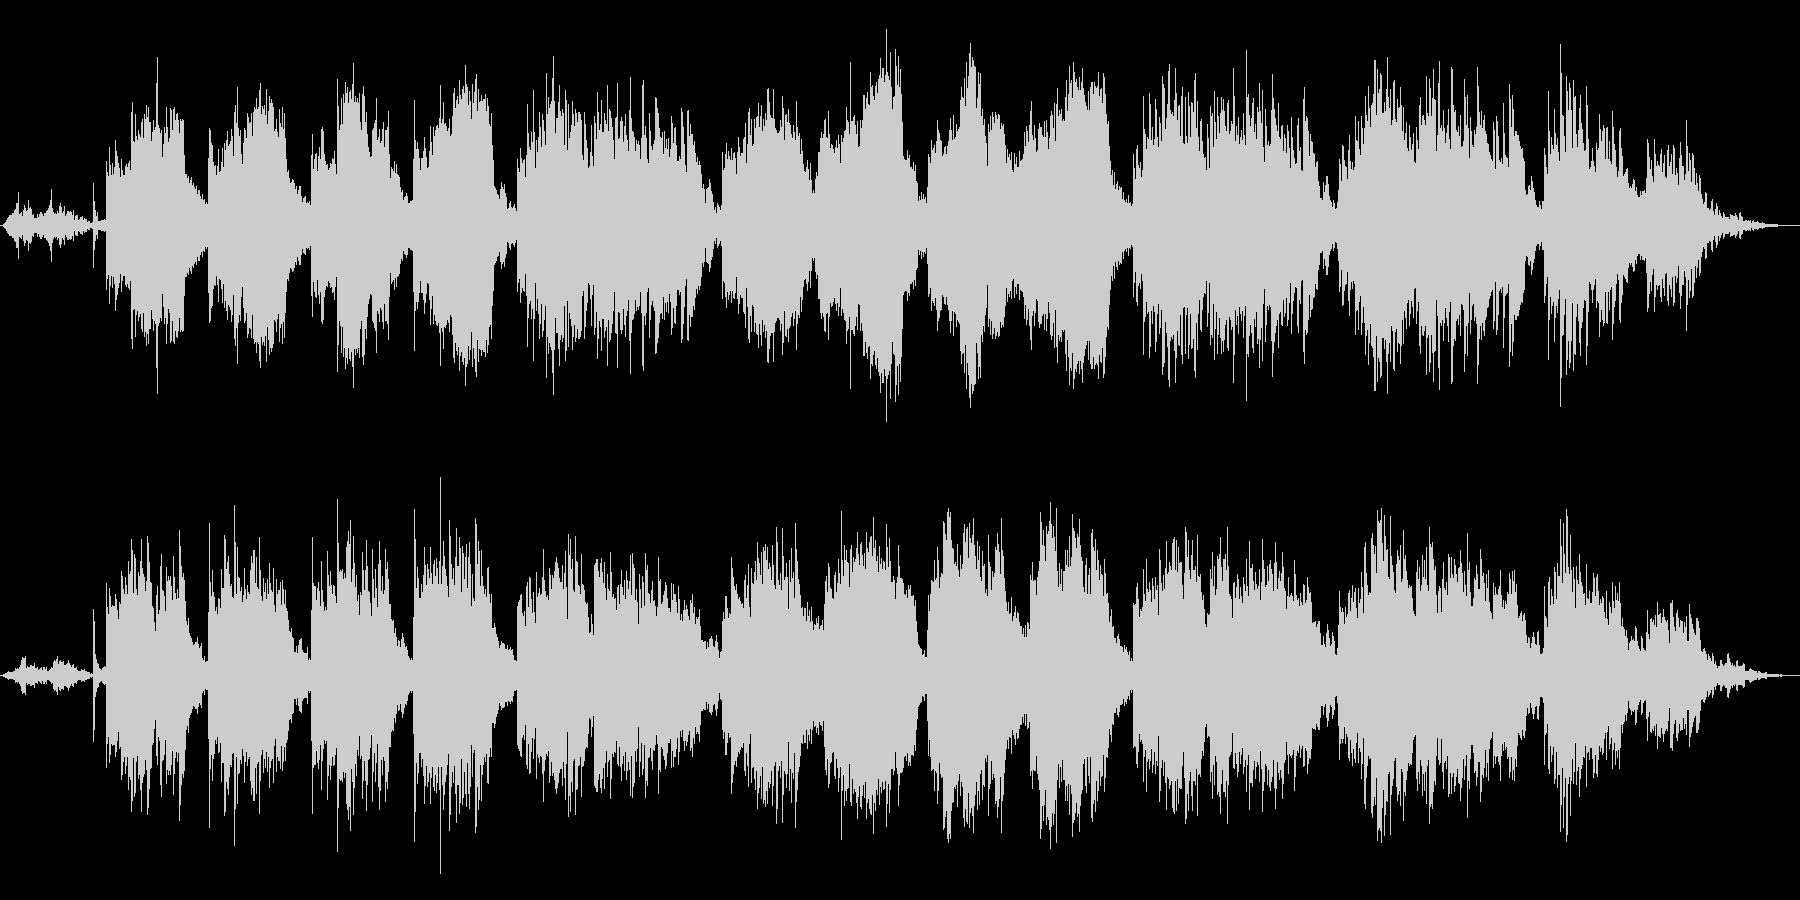 和風着物ウェディング系感動的アンビエントの未再生の波形